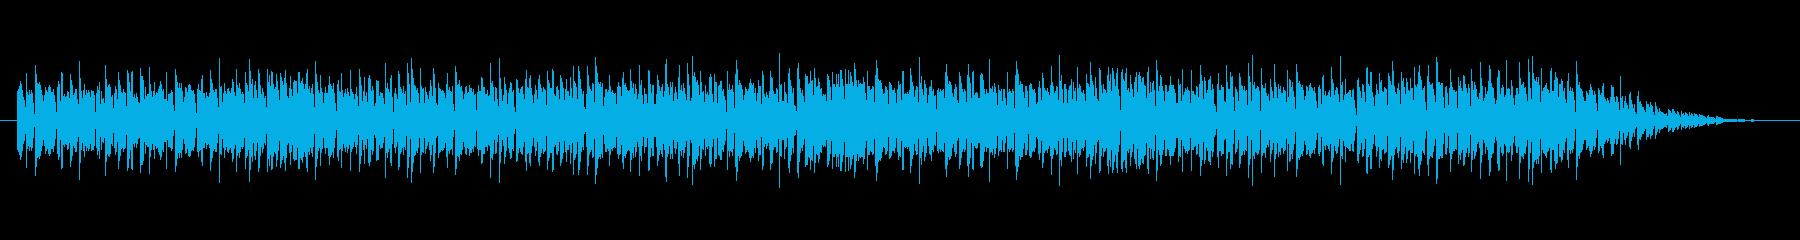 【ファンキー・モンキーず】オルガントリオの再生済みの波形